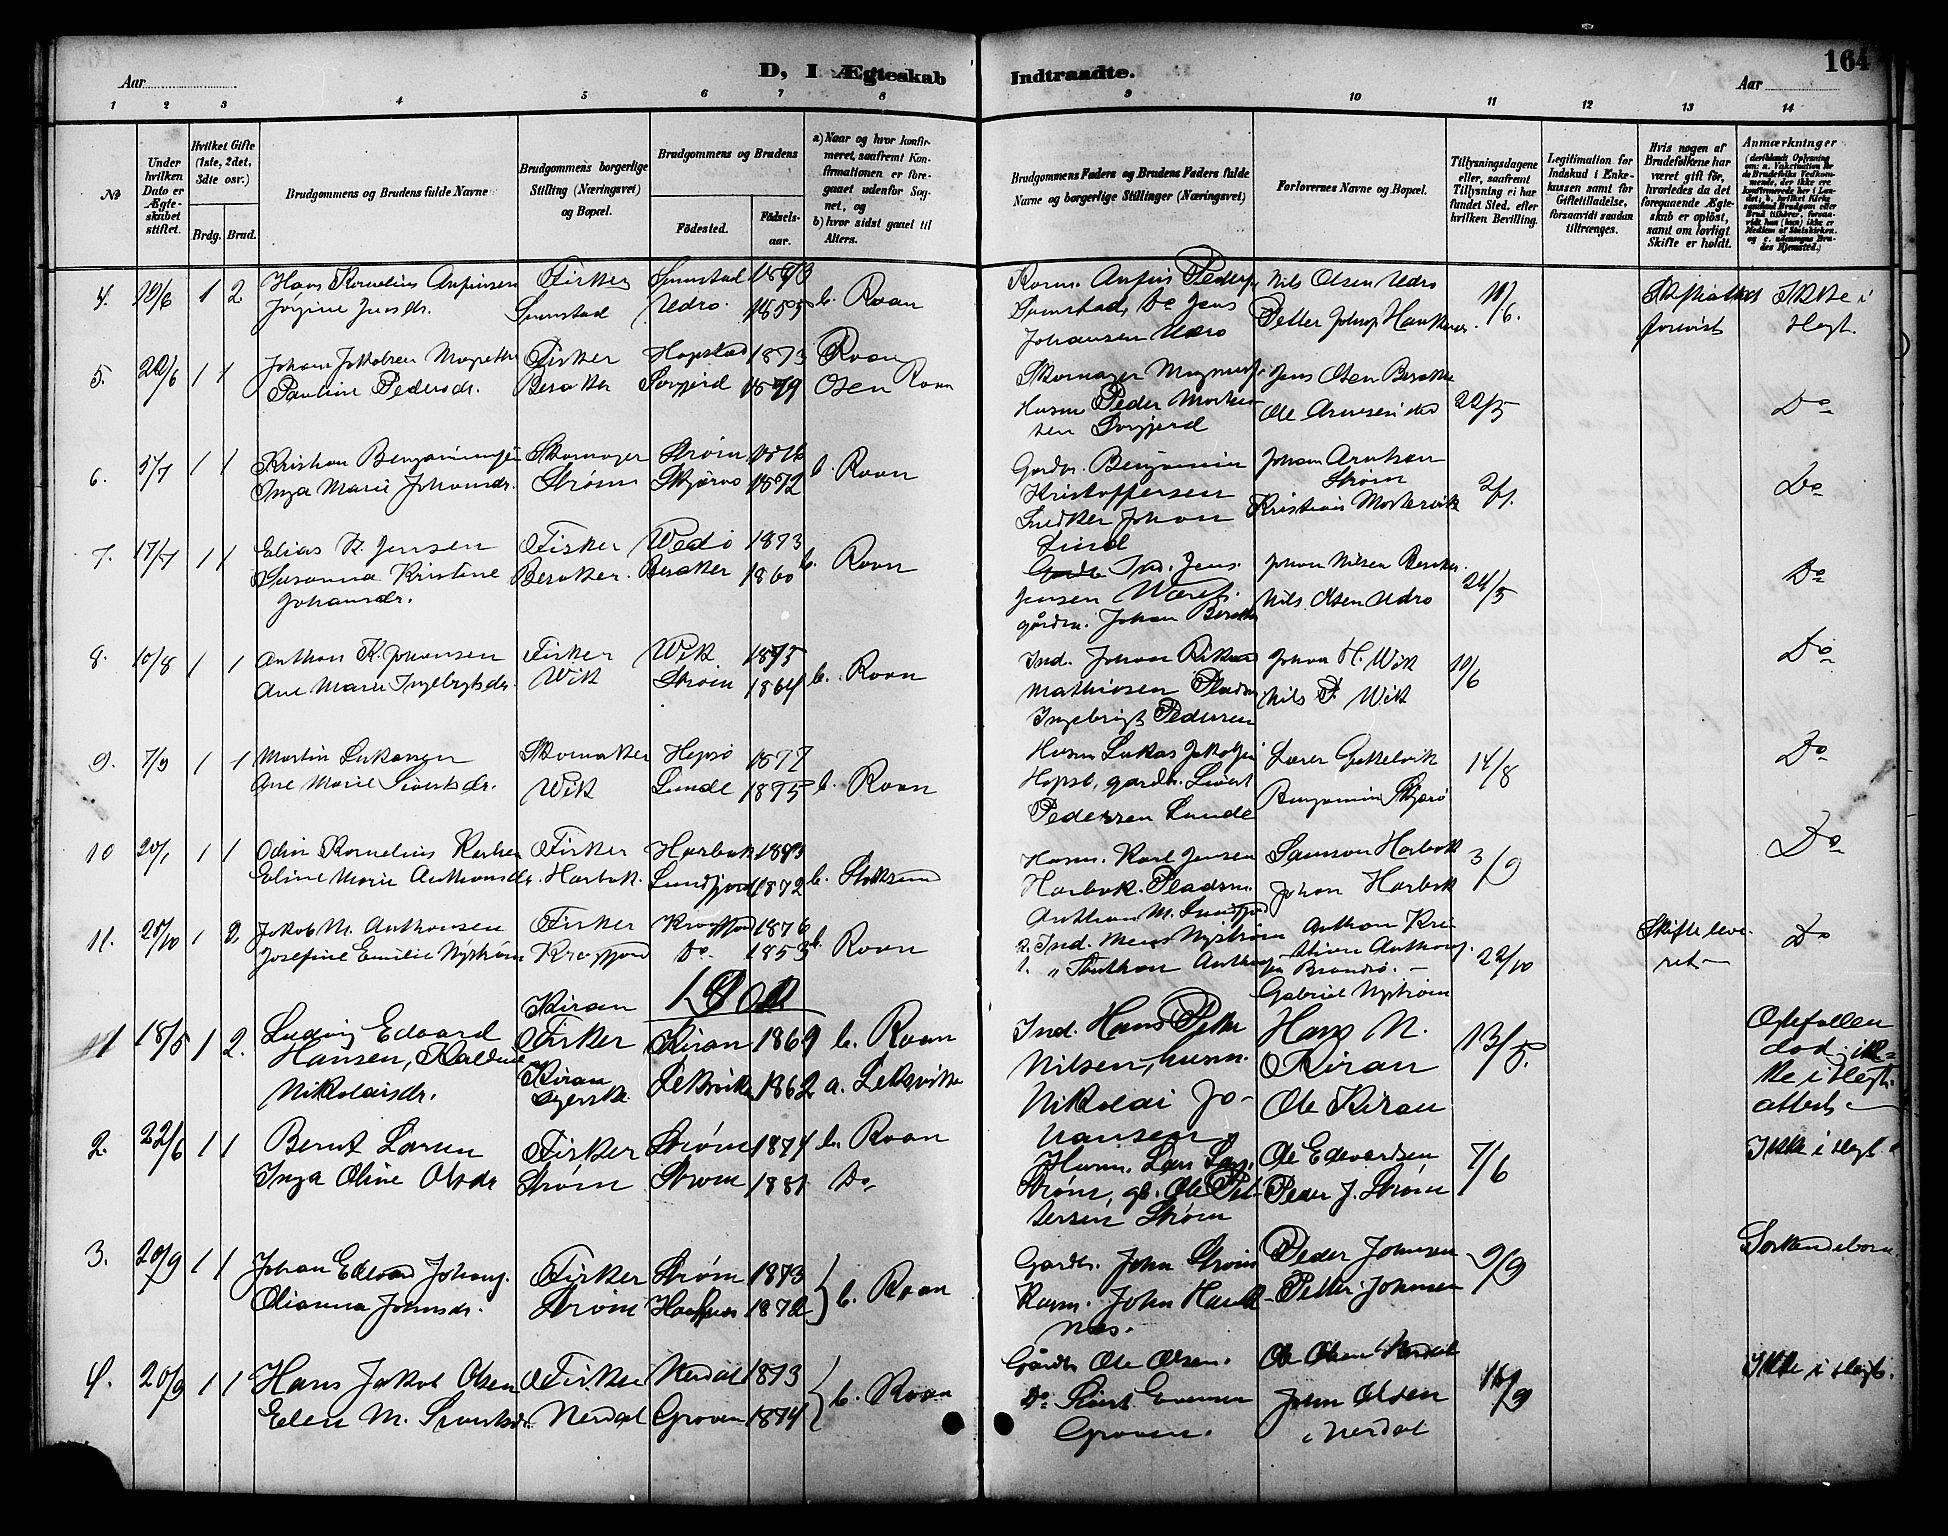 SAT, Ministerialprotokoller, klokkerbøker og fødselsregistre - Sør-Trøndelag, 657/L0716: Klokkerbok nr. 657C03, 1889-1904, s. 164